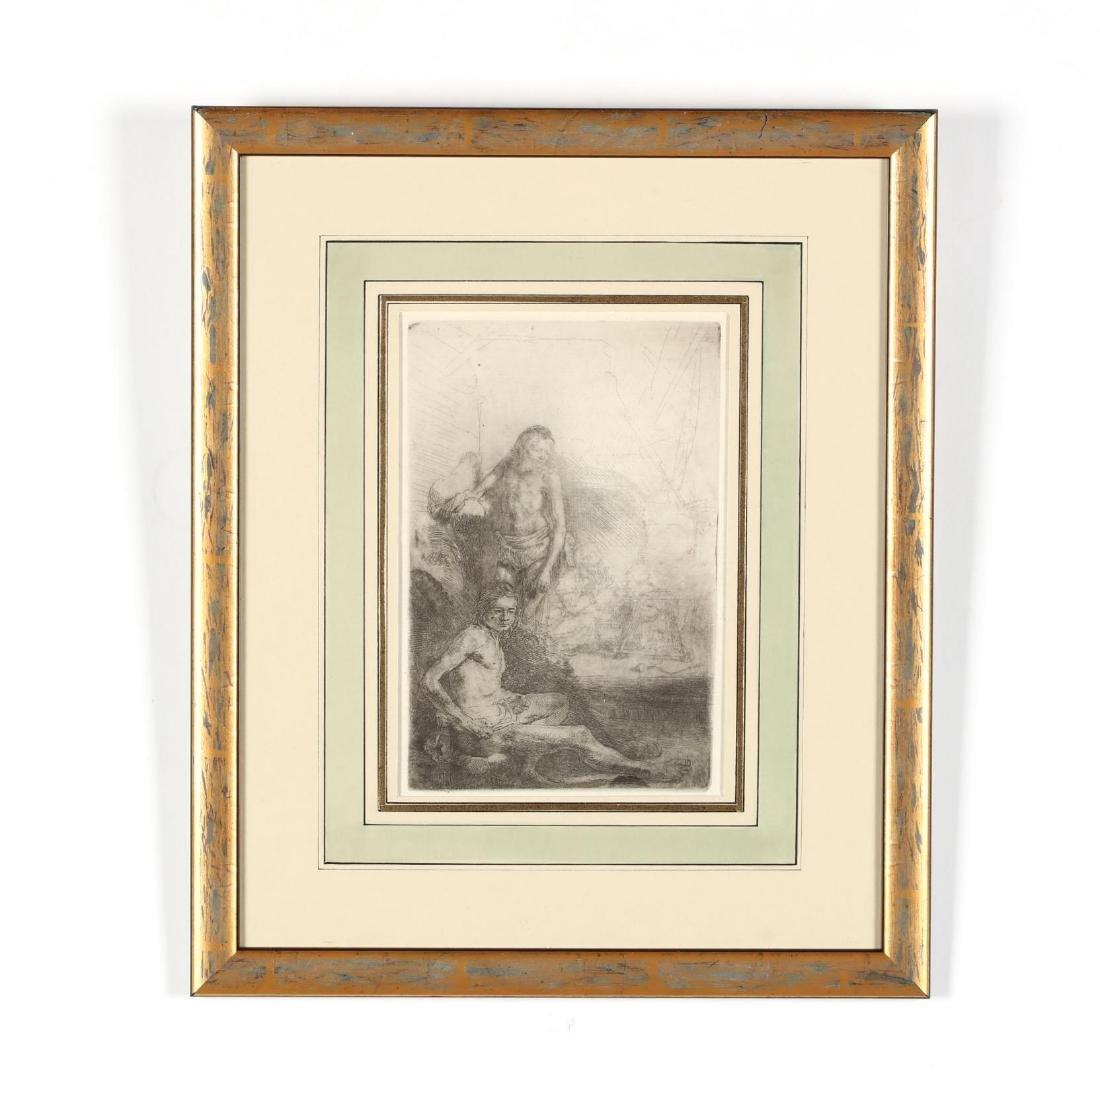 Rembrandt van Rijn (Dutch, 1606-1669),  Nude Man Seated